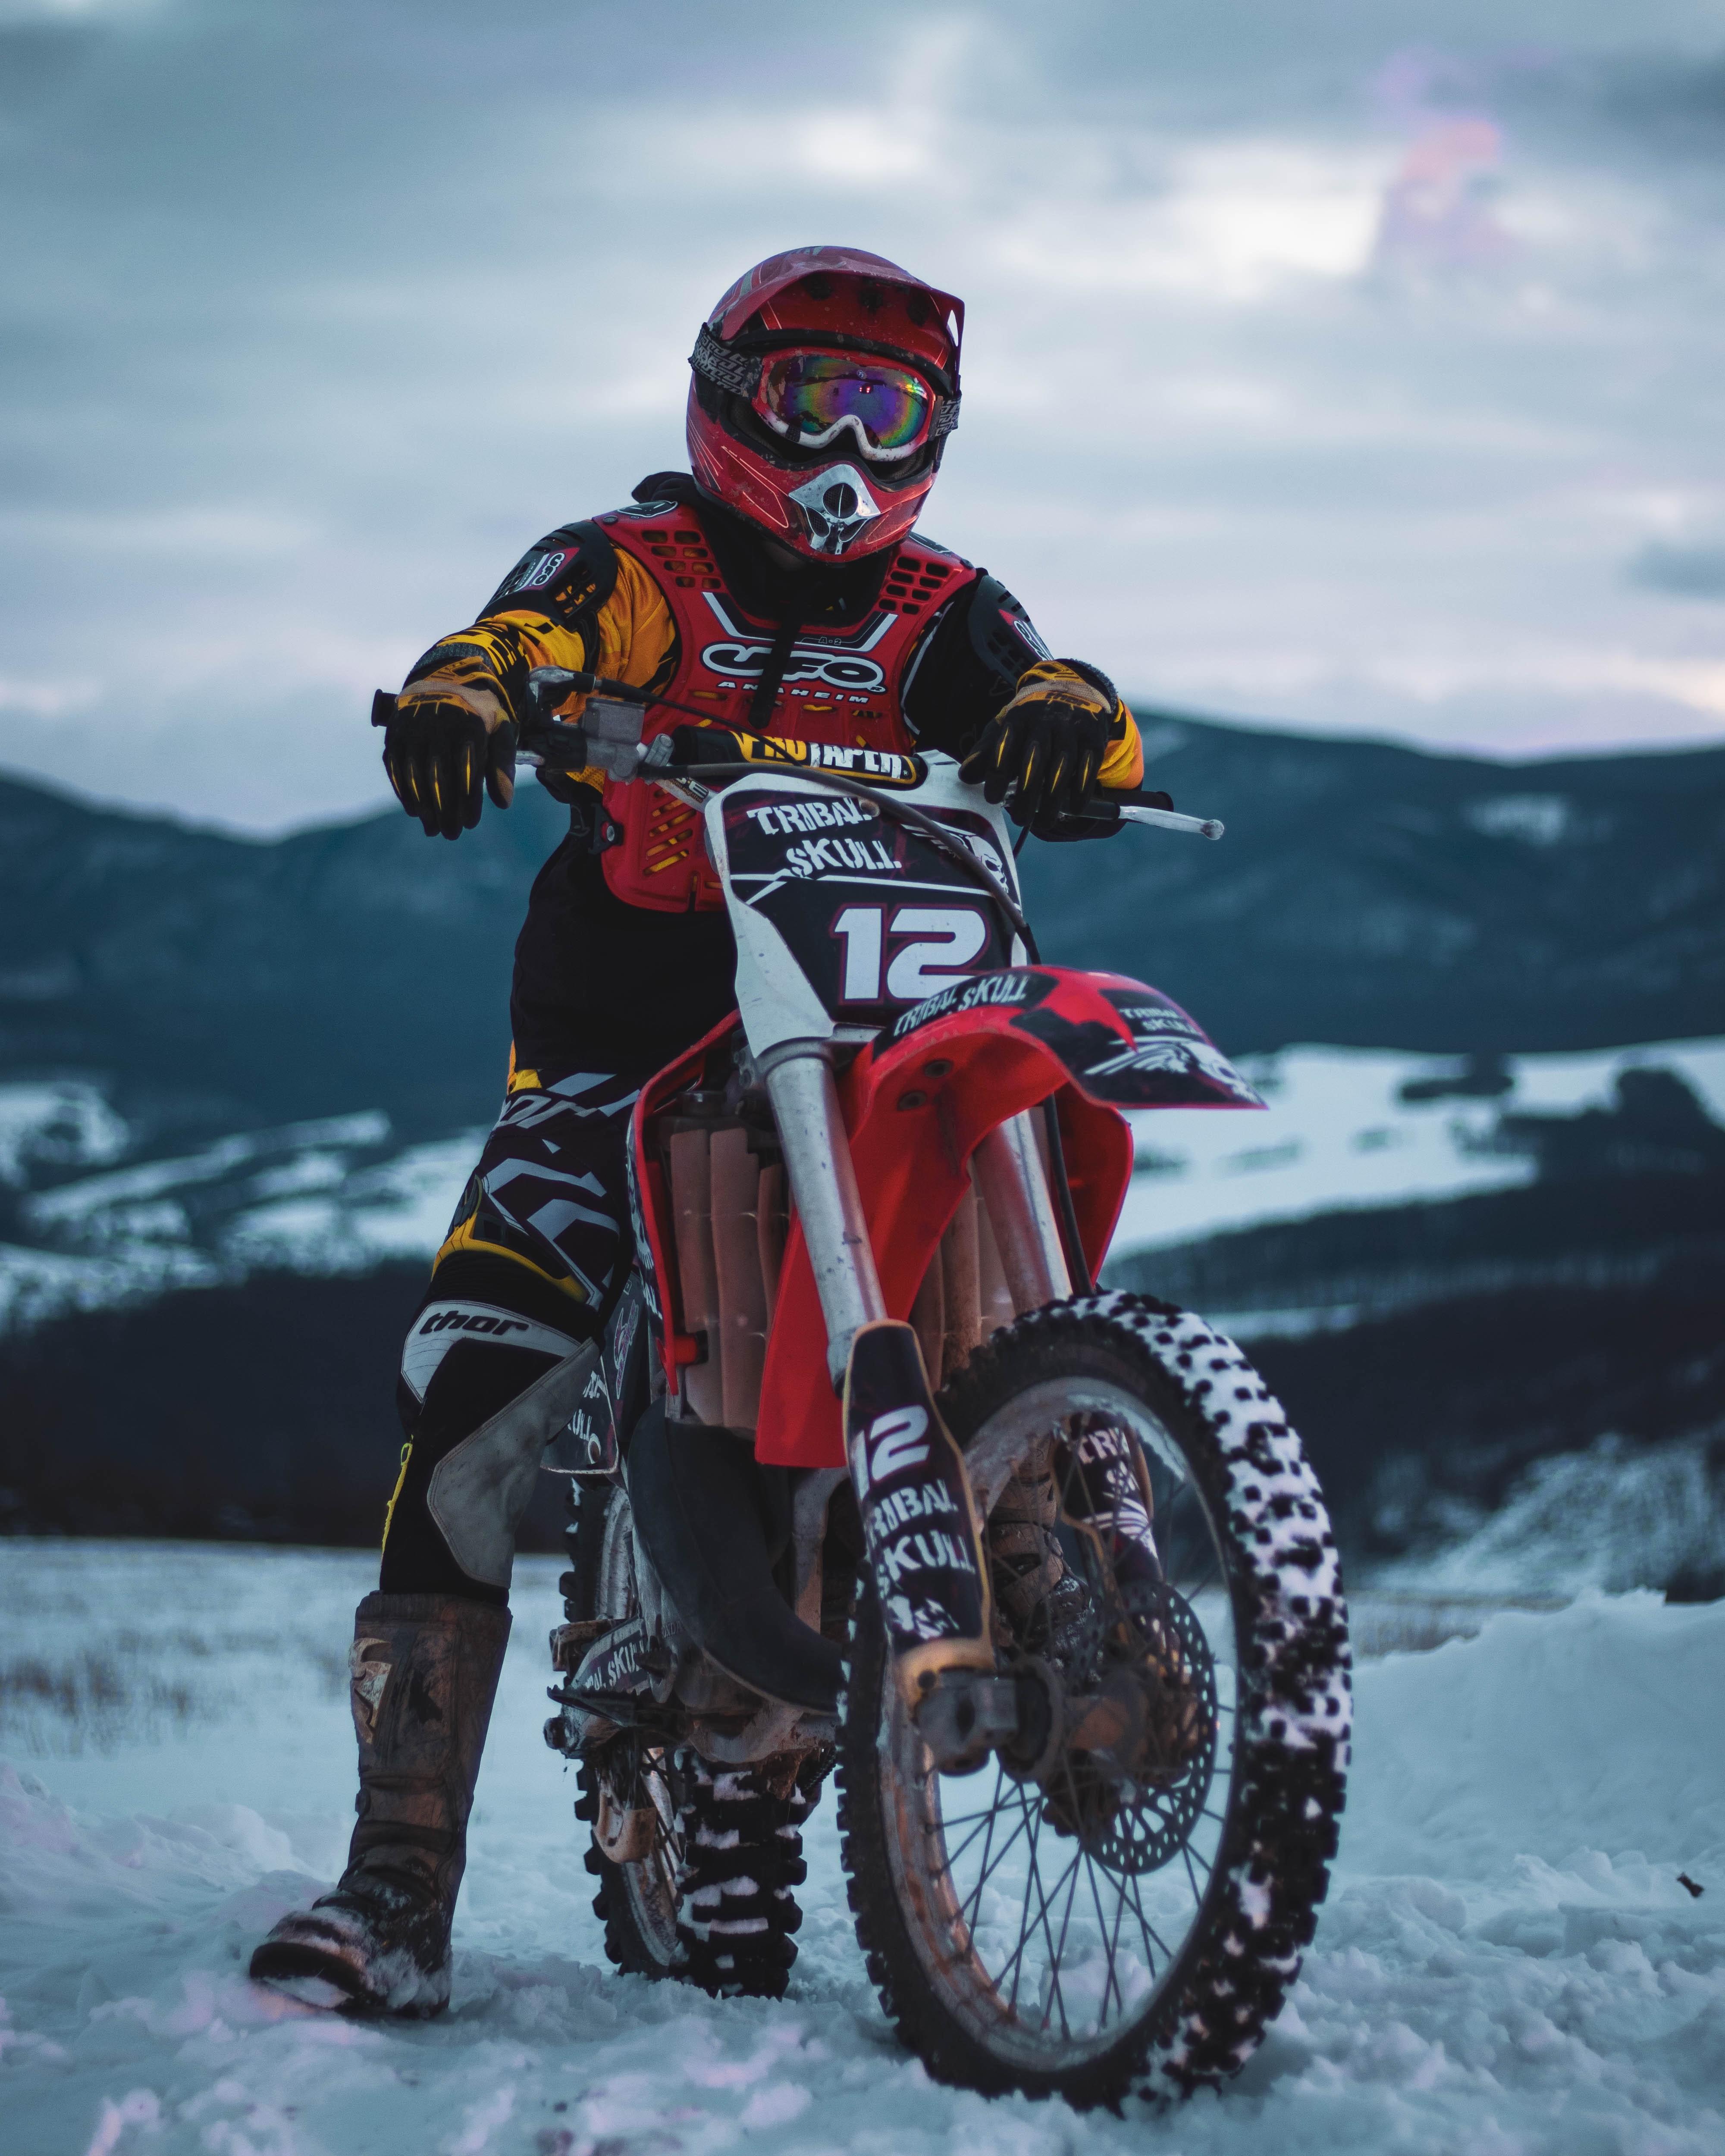 141660 Заставки и Обои Мотоциклы на телефон. Скачать Мотоциклы, Зима, Снег, Мотоциклист, Мотоцикл, Кросс картинки бесплатно